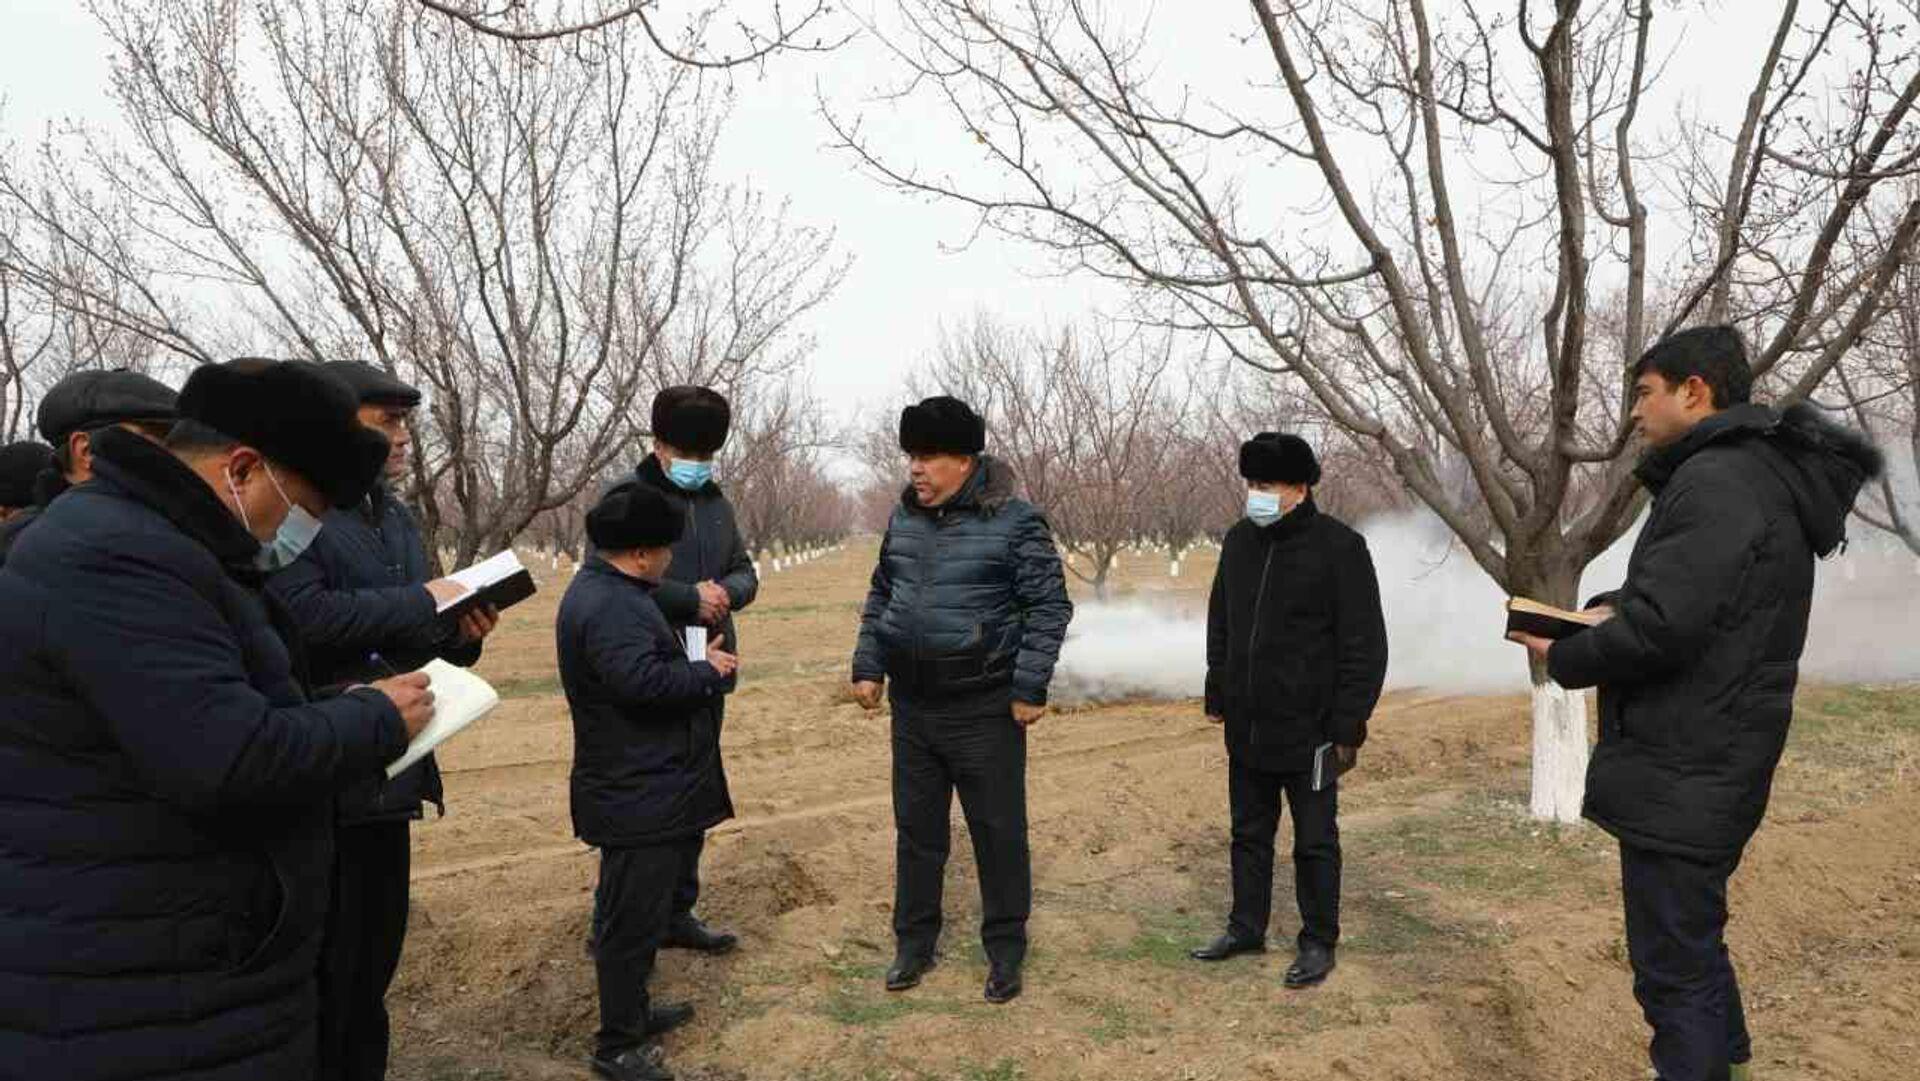 Раджаббой Ахмадзода посетил с рабочей группой поля с плодовыми деревьями - Sputnik Тоҷикистон, 1920, 26.02.2021